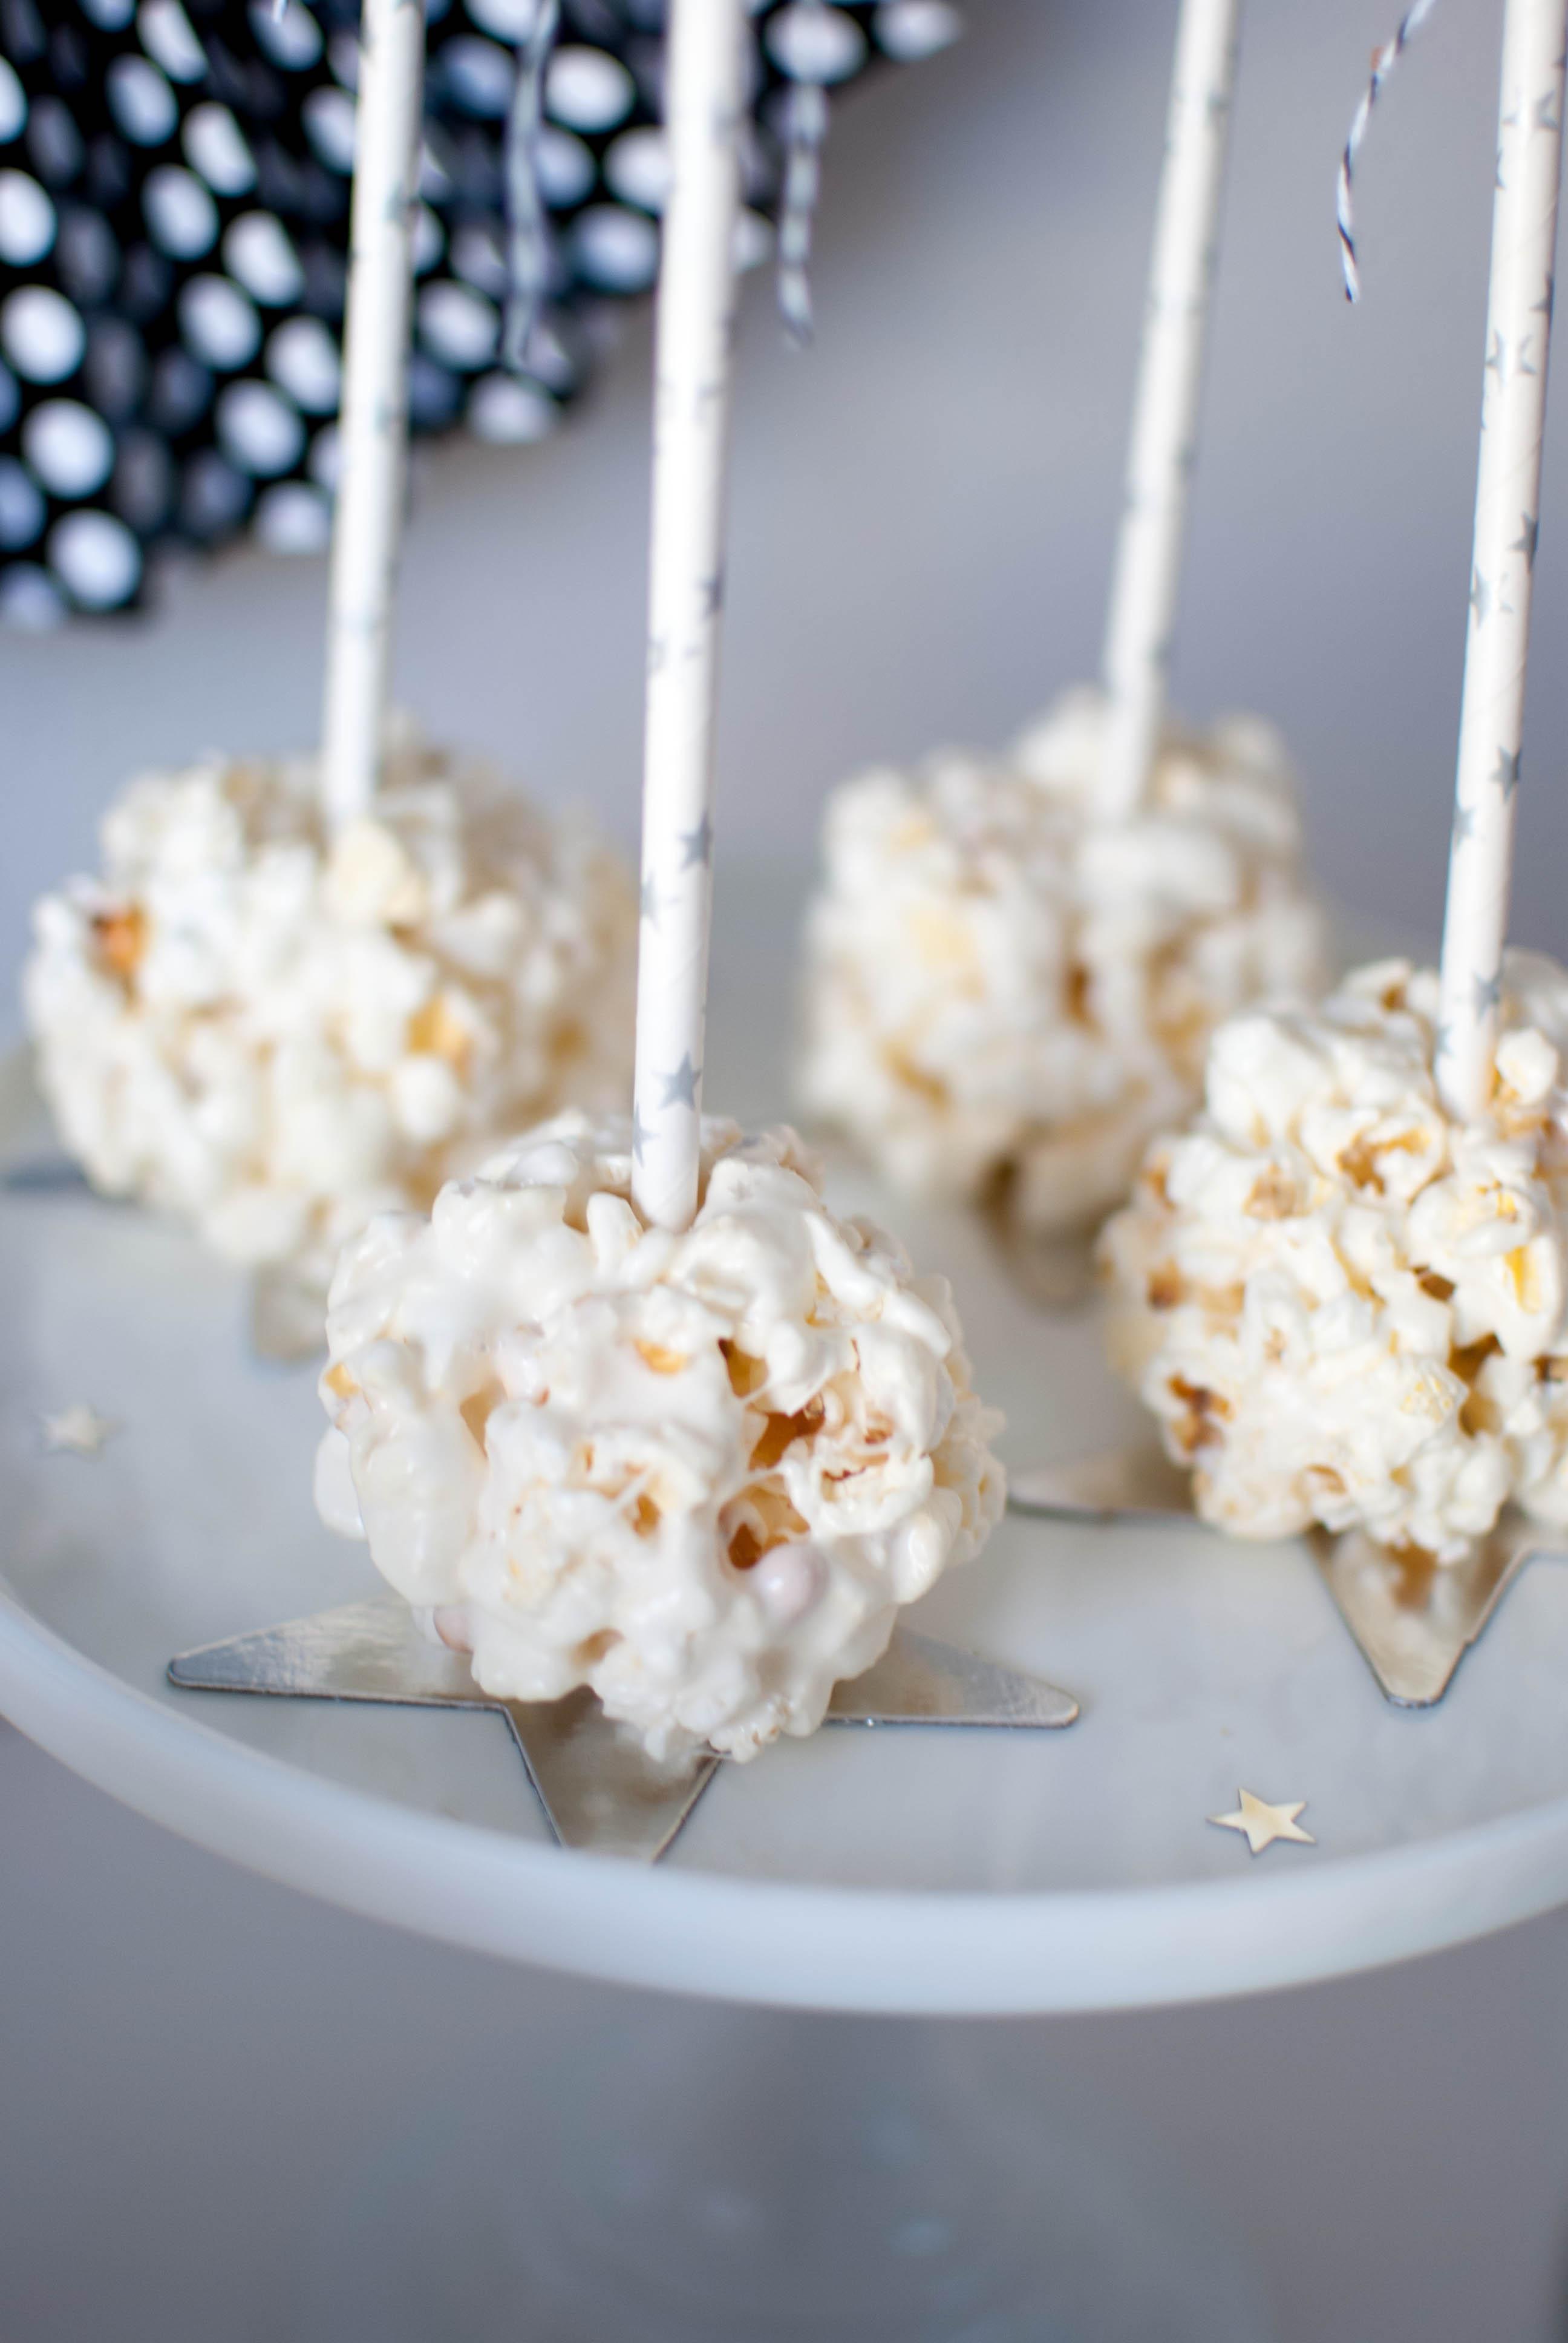 The Oscar Party} Popcorn Bar Ideas - TWINKLE TWINKLE LITTLE PARTY